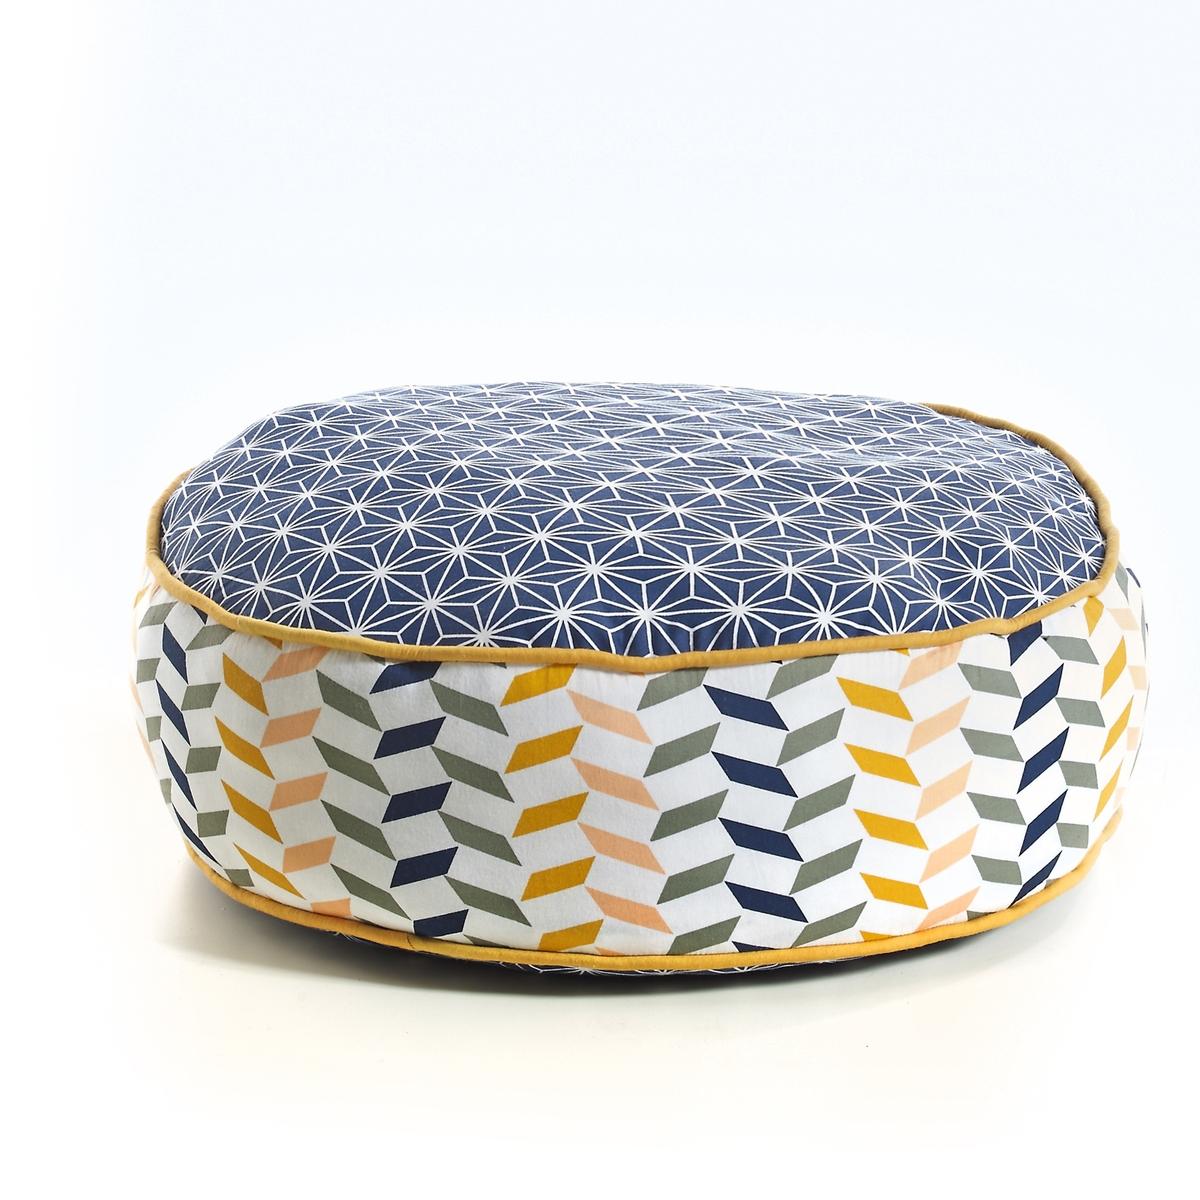 Пуф с рисункомКруглый пуф с рисунком Rudel : графичный разноцветный рисунок!Описание пуфа с рисунком Rudel :Наполнитель из 75% хлопка, 25% полиэстераПлотная ткань, 100% хлопковый сатинРазмеры пуфа с рисунком Rudel :Высота 15 см? 45 см<br><br>Цвет: темно-синий/серый/желтый